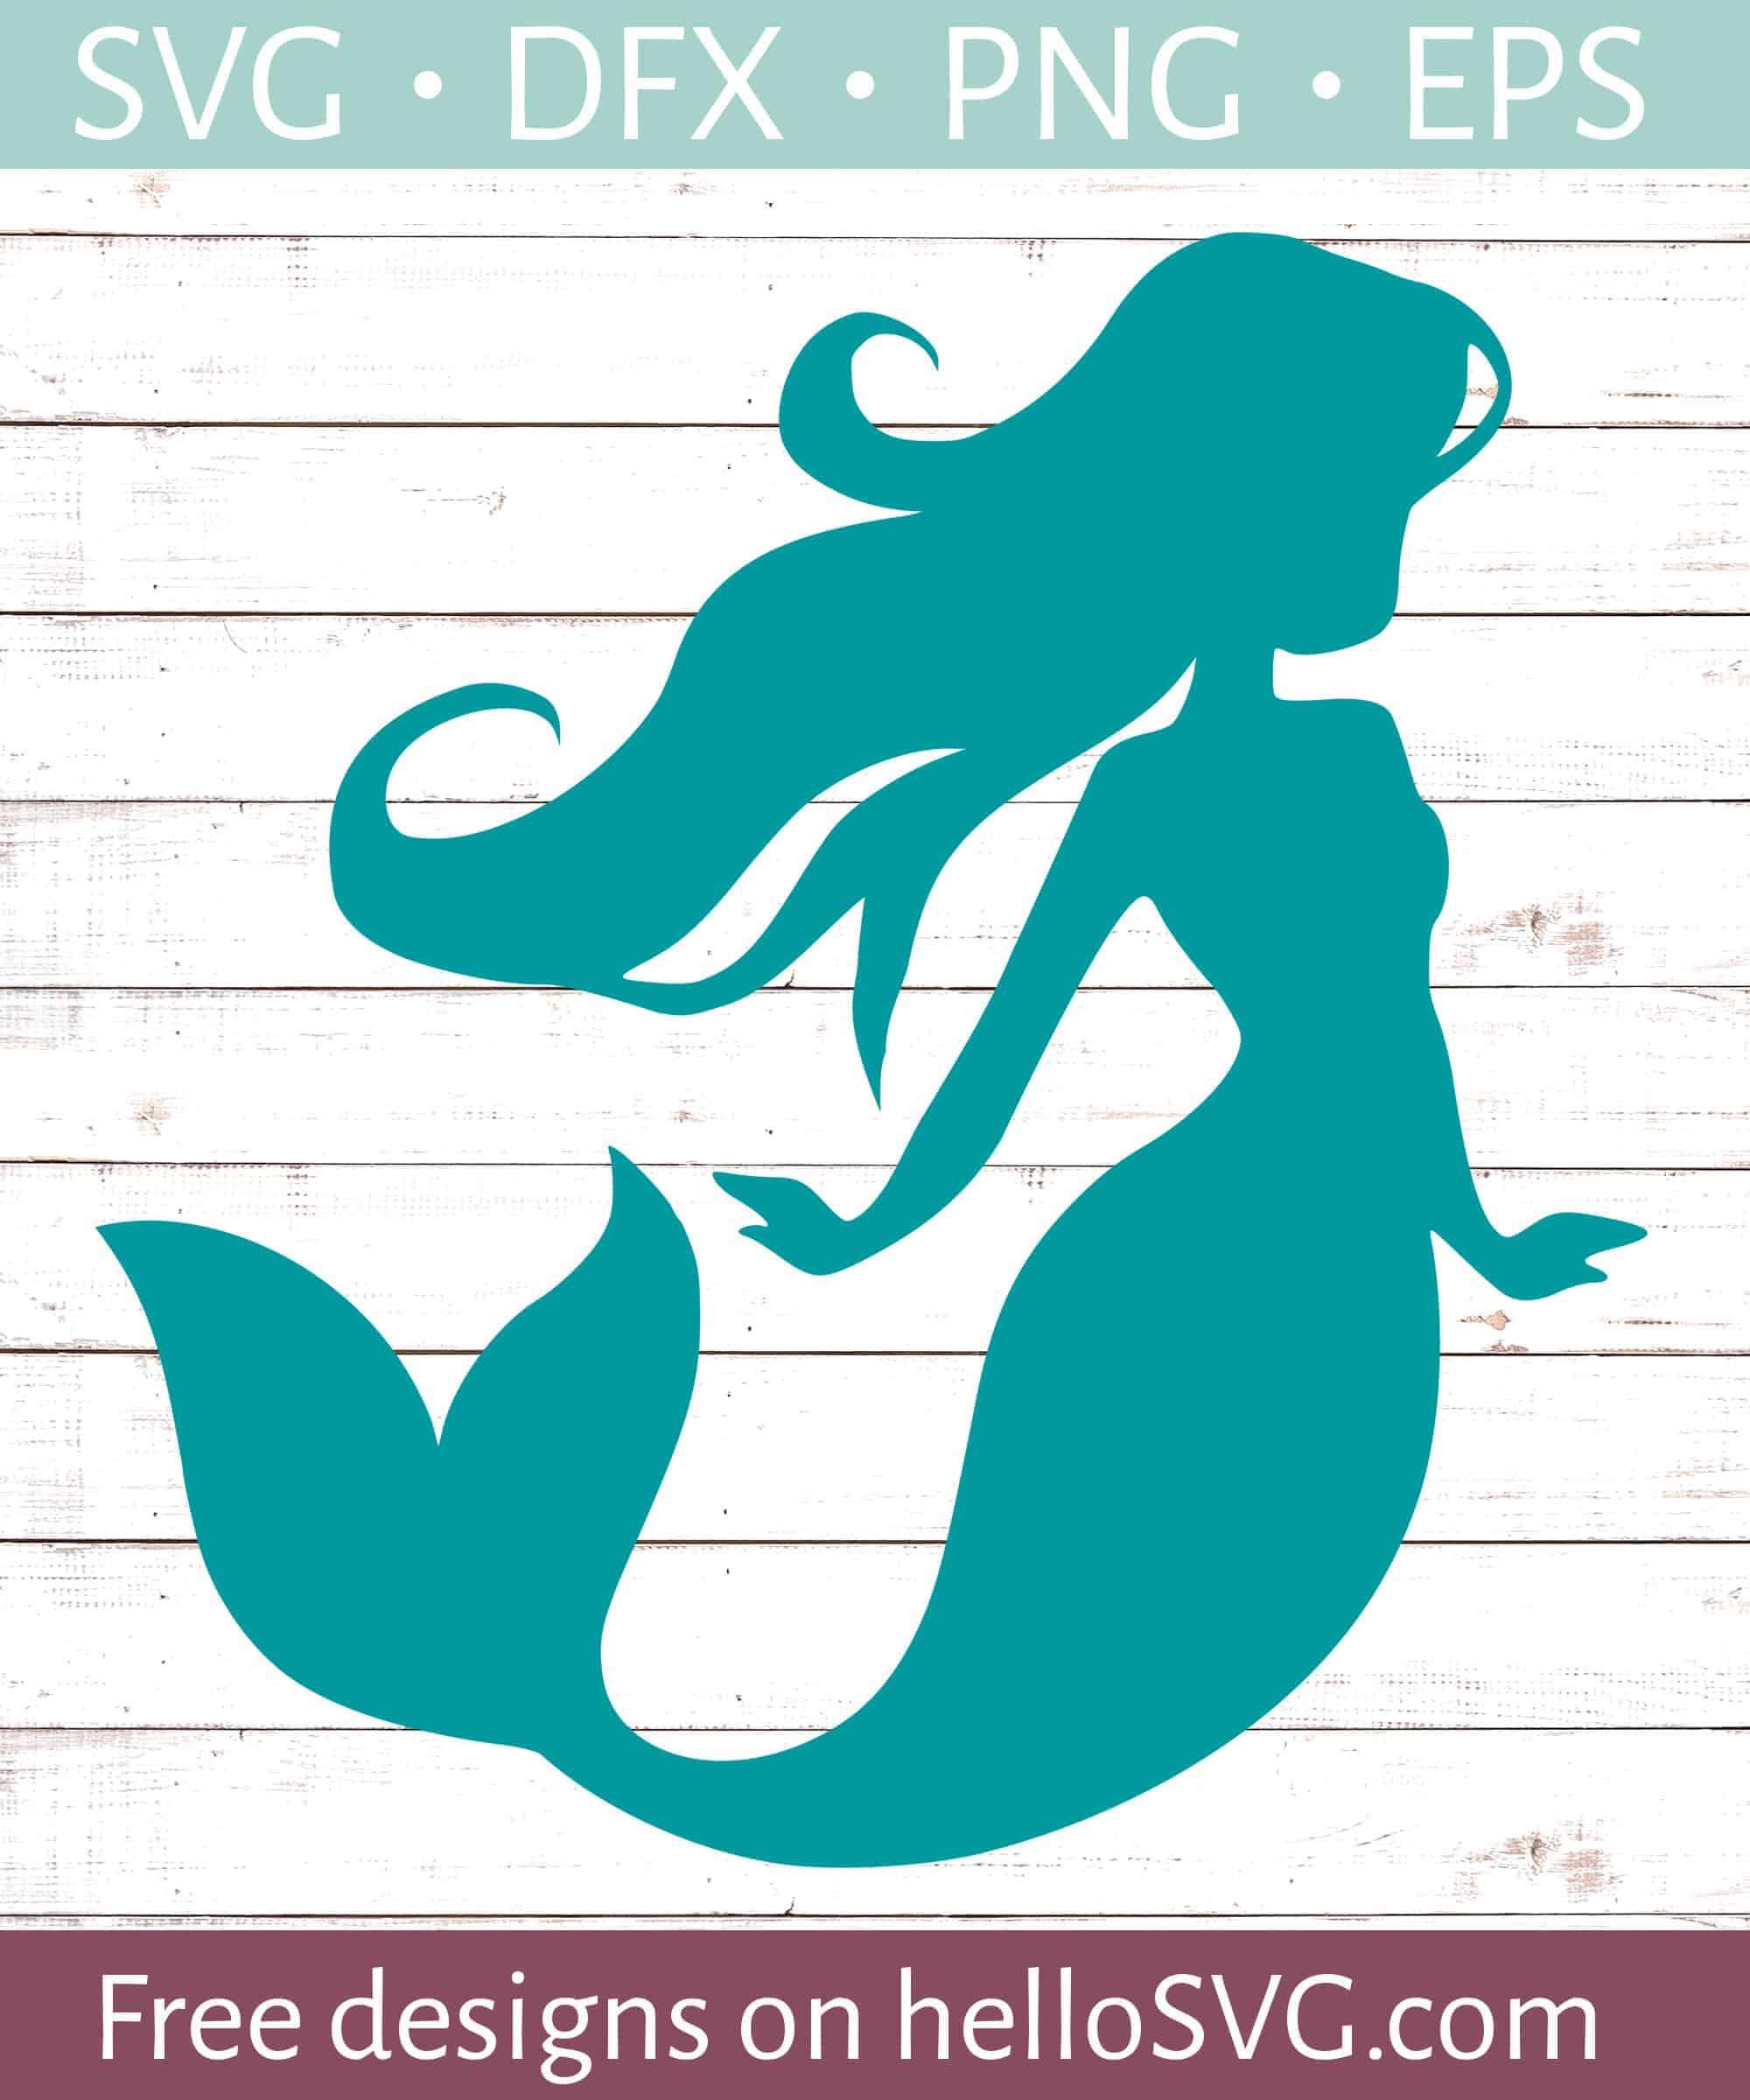 Free Mermaid Svg File : mermaid, Mermaid, Silhouette, Files, HelloSVG.com